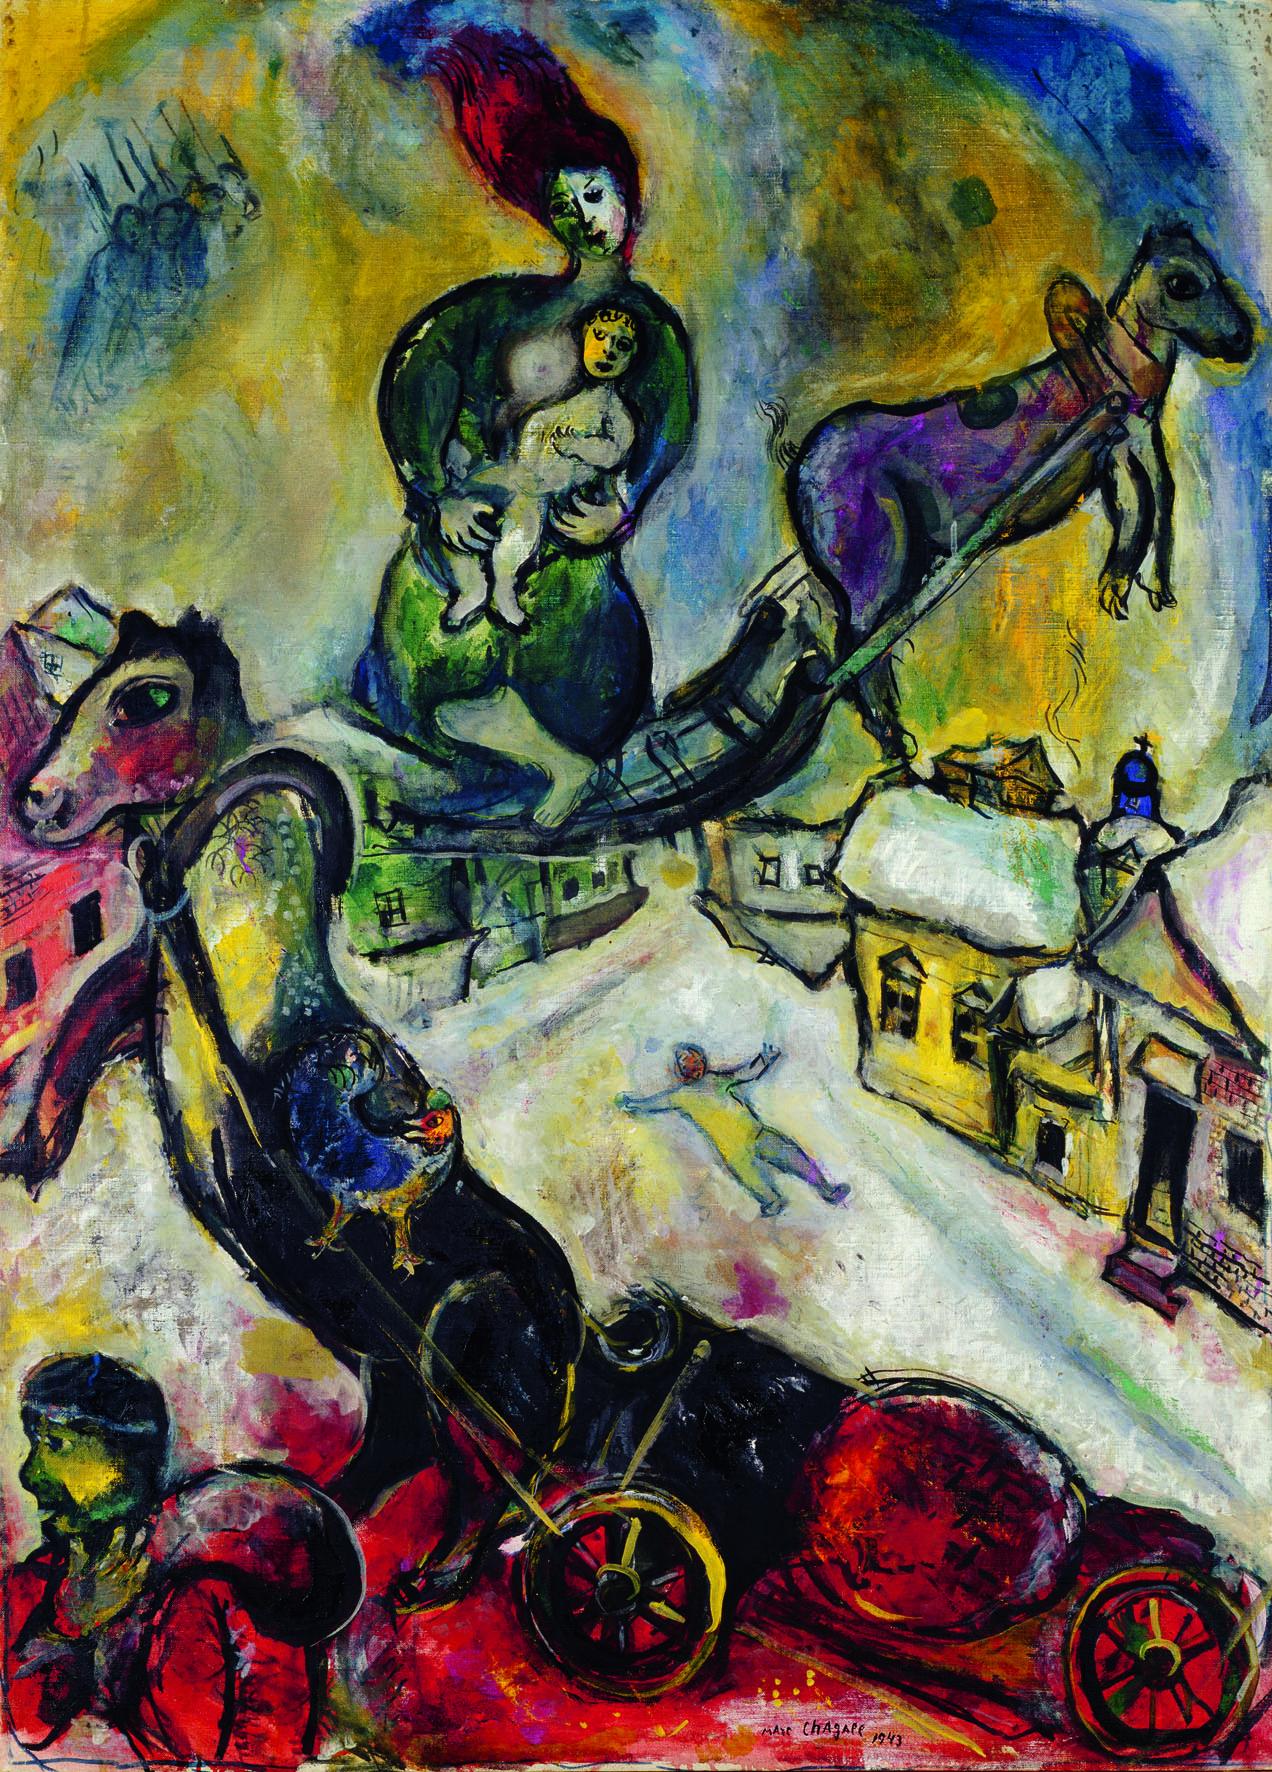 Chagall – Entre guerre et paix : La guerre, Chagall, Soldat blessé 1914 48,9 x 37,8 cm aquarelle, huile et gouache sur carton Philadelphia Museum of Art, don de Mary Katherine Woodworth en memoire d